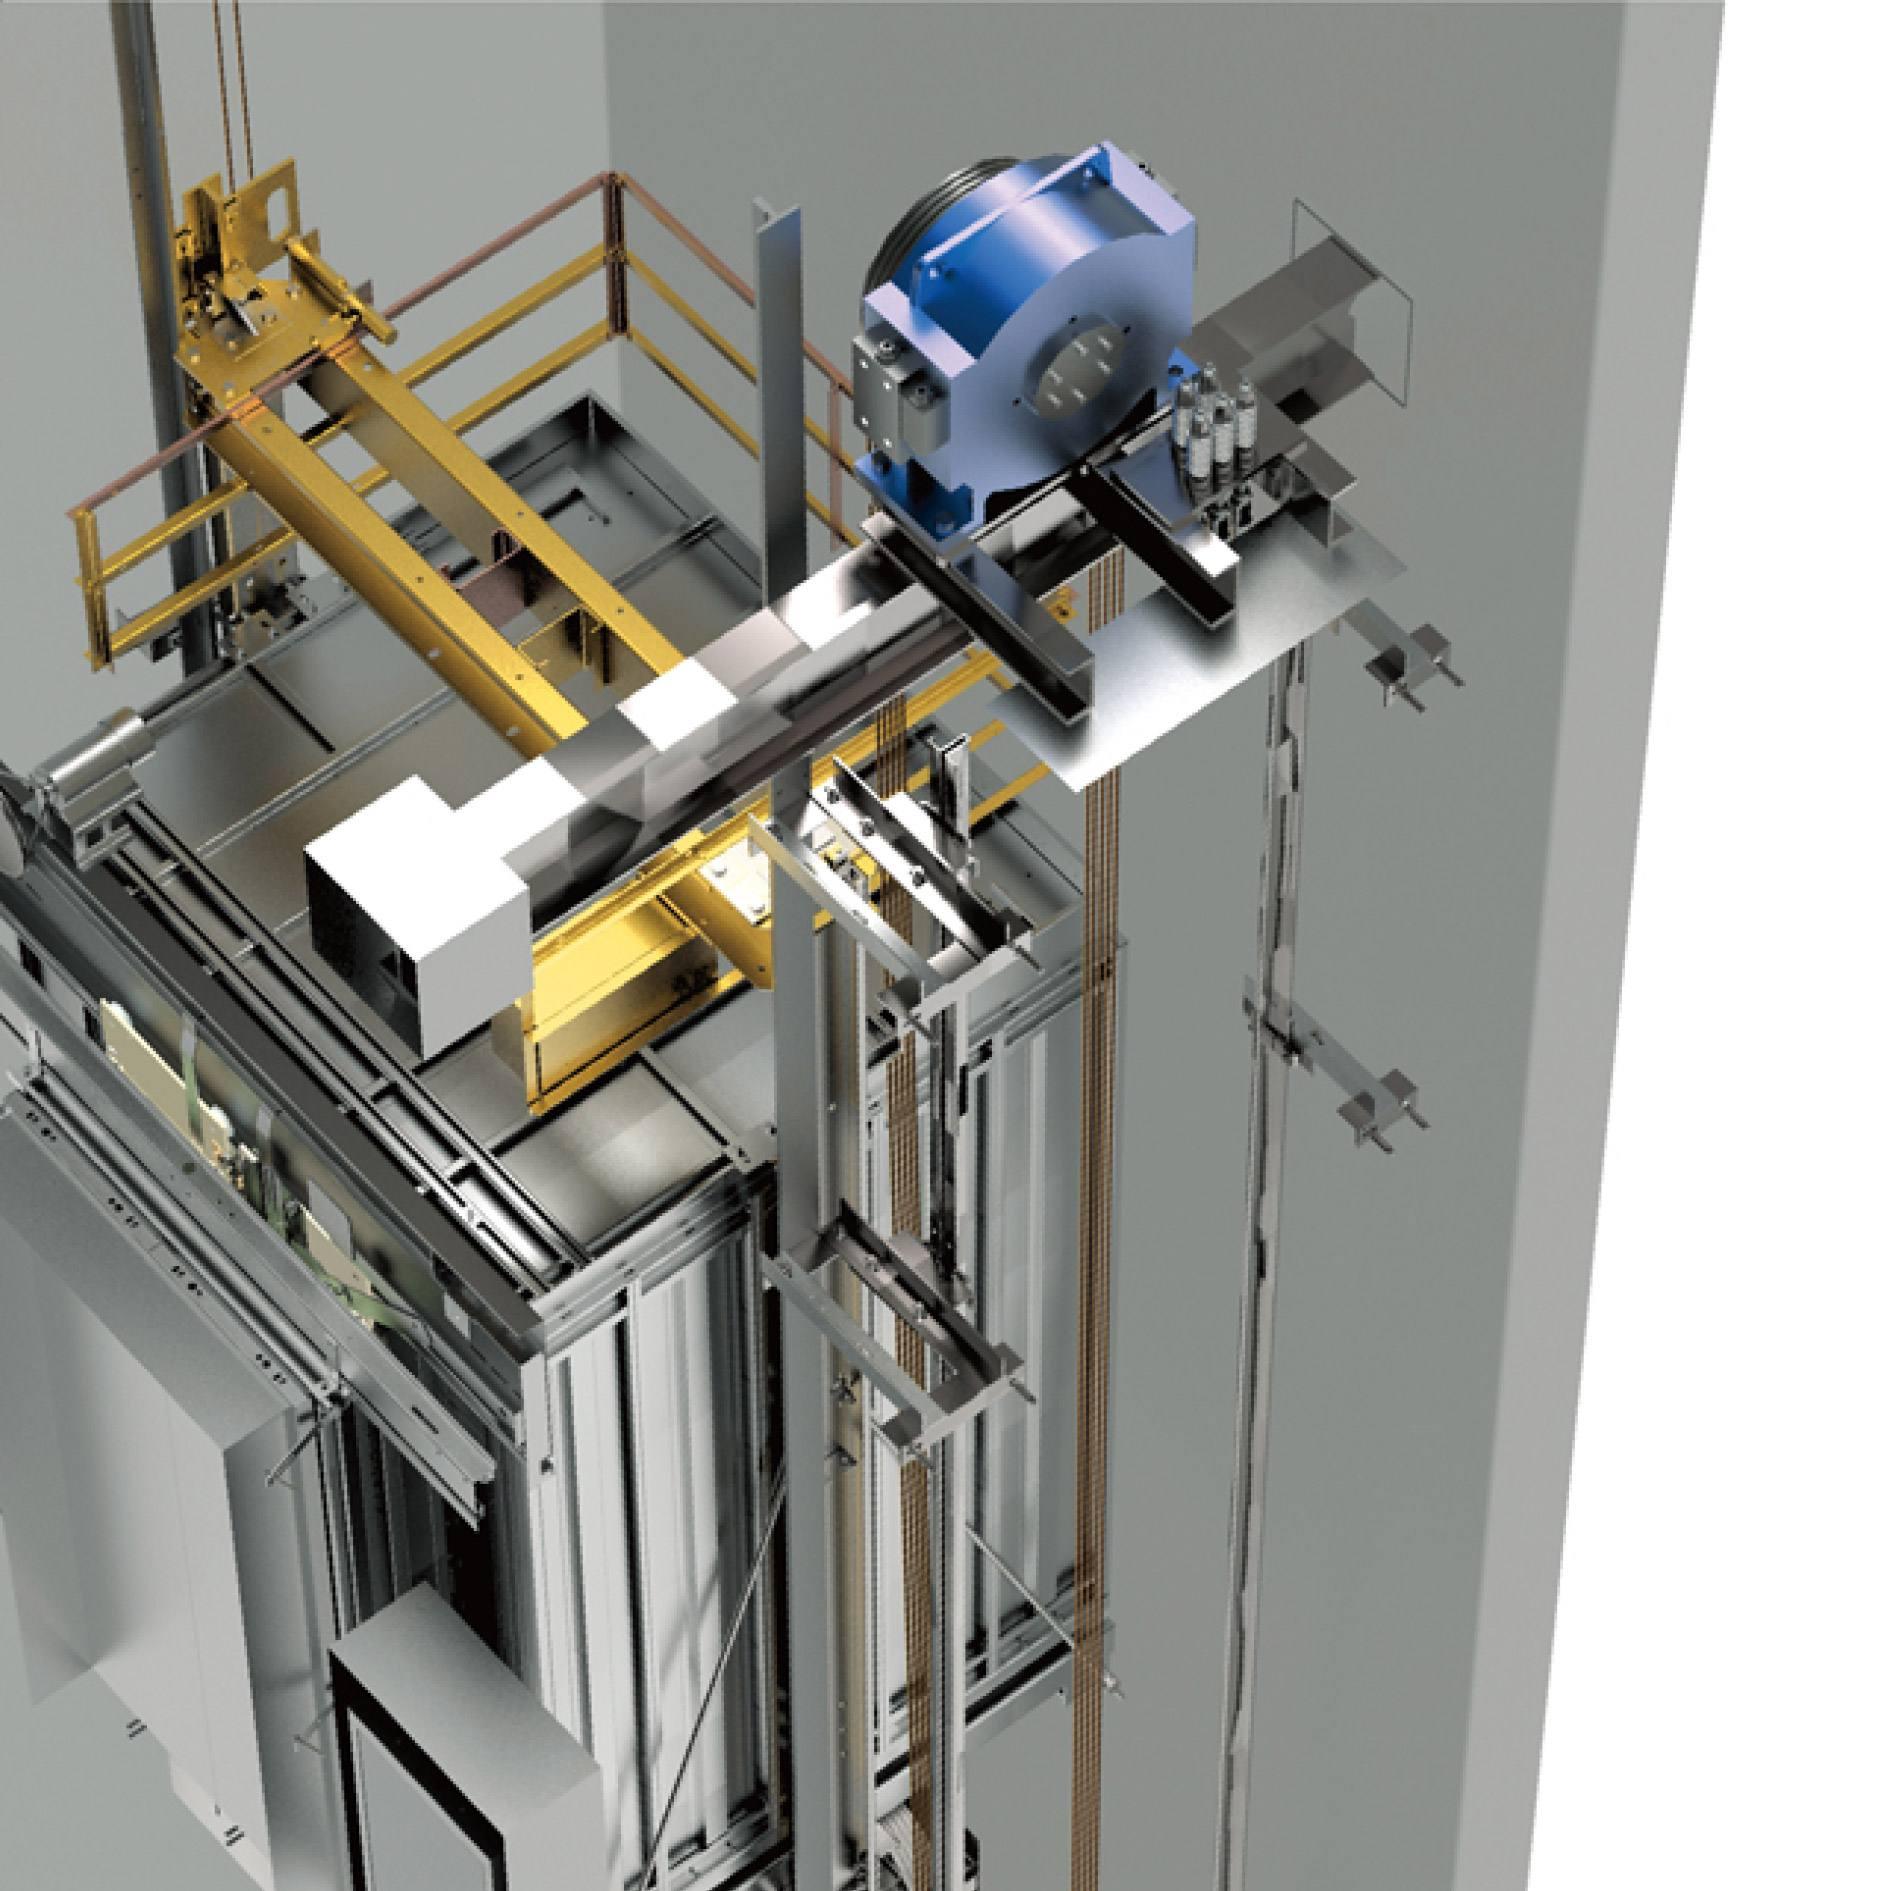 电梯出现问题该怎么做